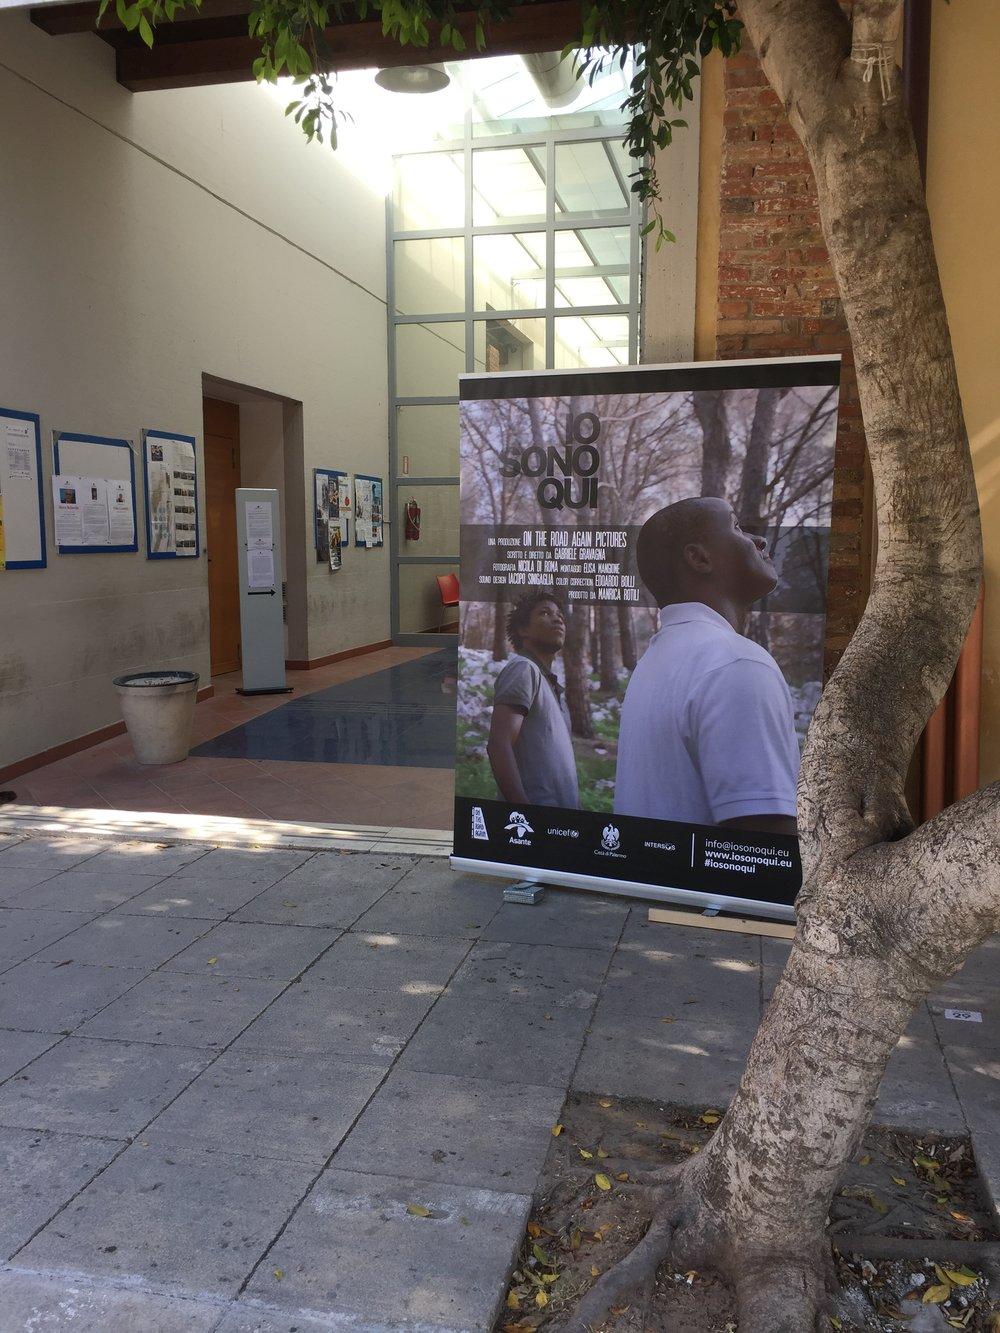 Unapubblicitàper Io Sono Qui alla seconda proiezione del film a Palermo, maggio 2017. Crediti fotografici: Autore.